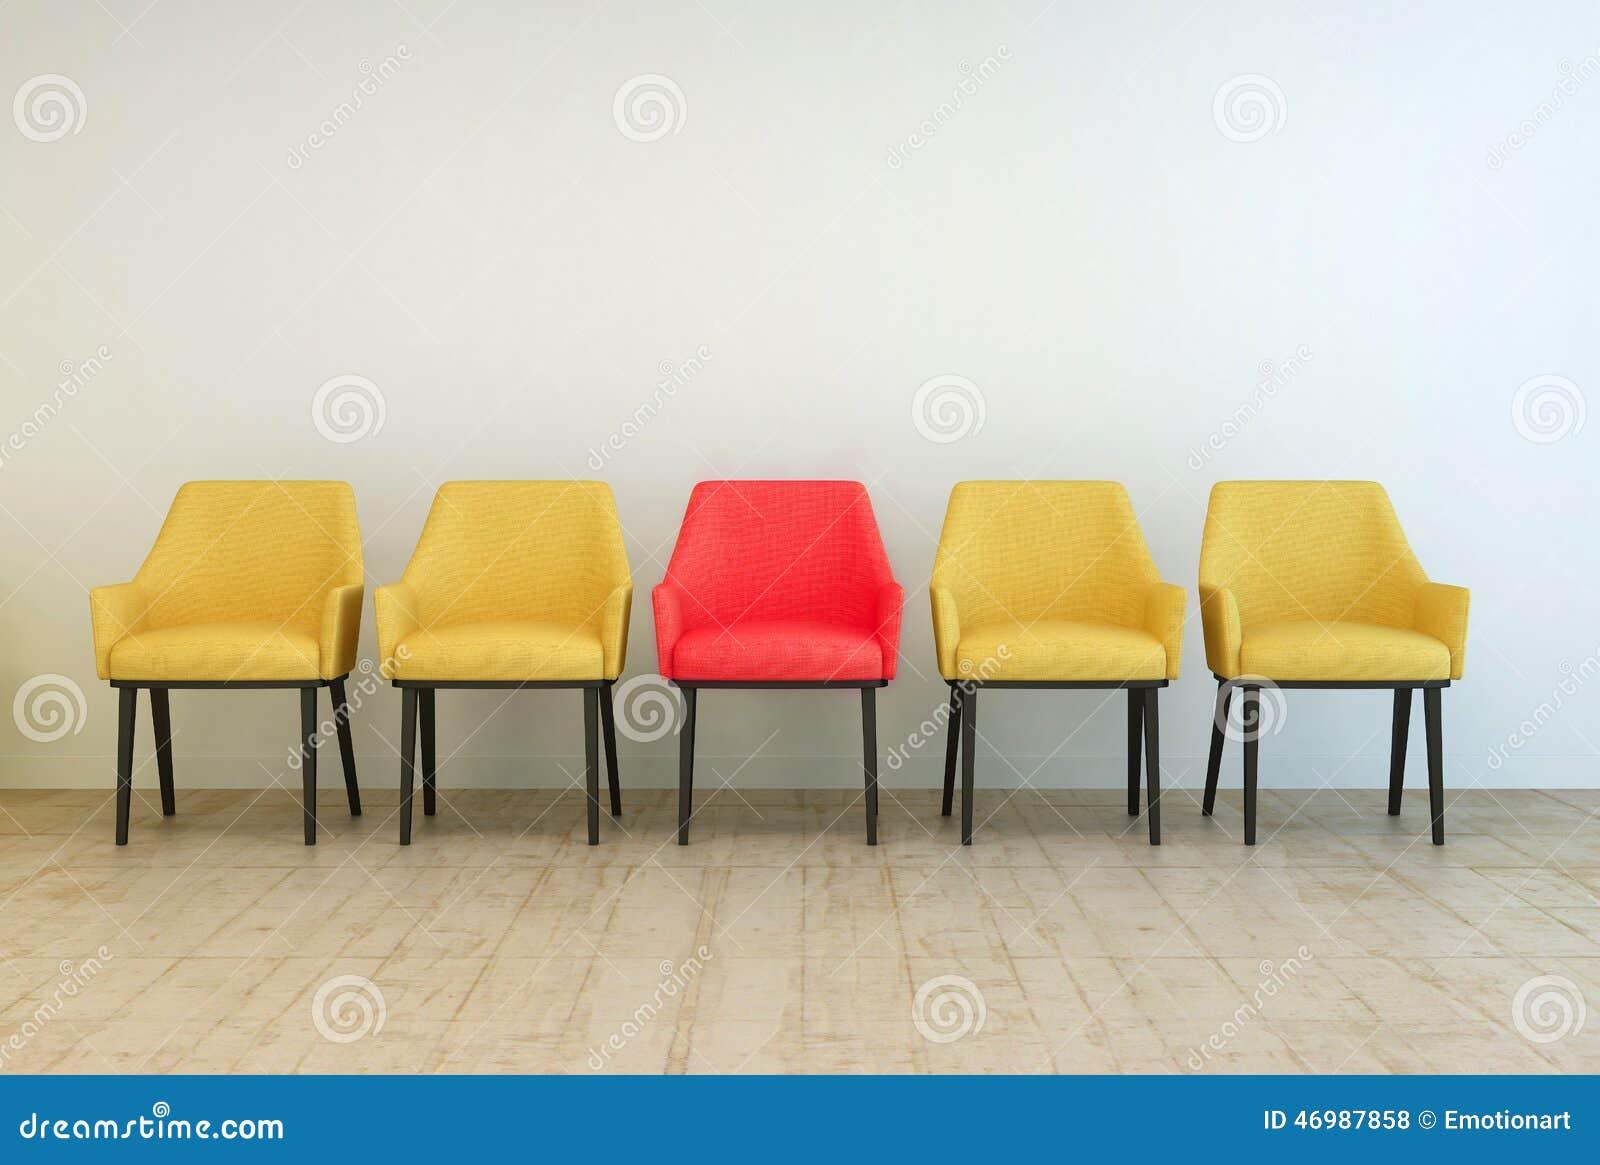 les chaises jaunes ont align avec rouges au milieu illustration stock image 46987858. Black Bedroom Furniture Sets. Home Design Ideas